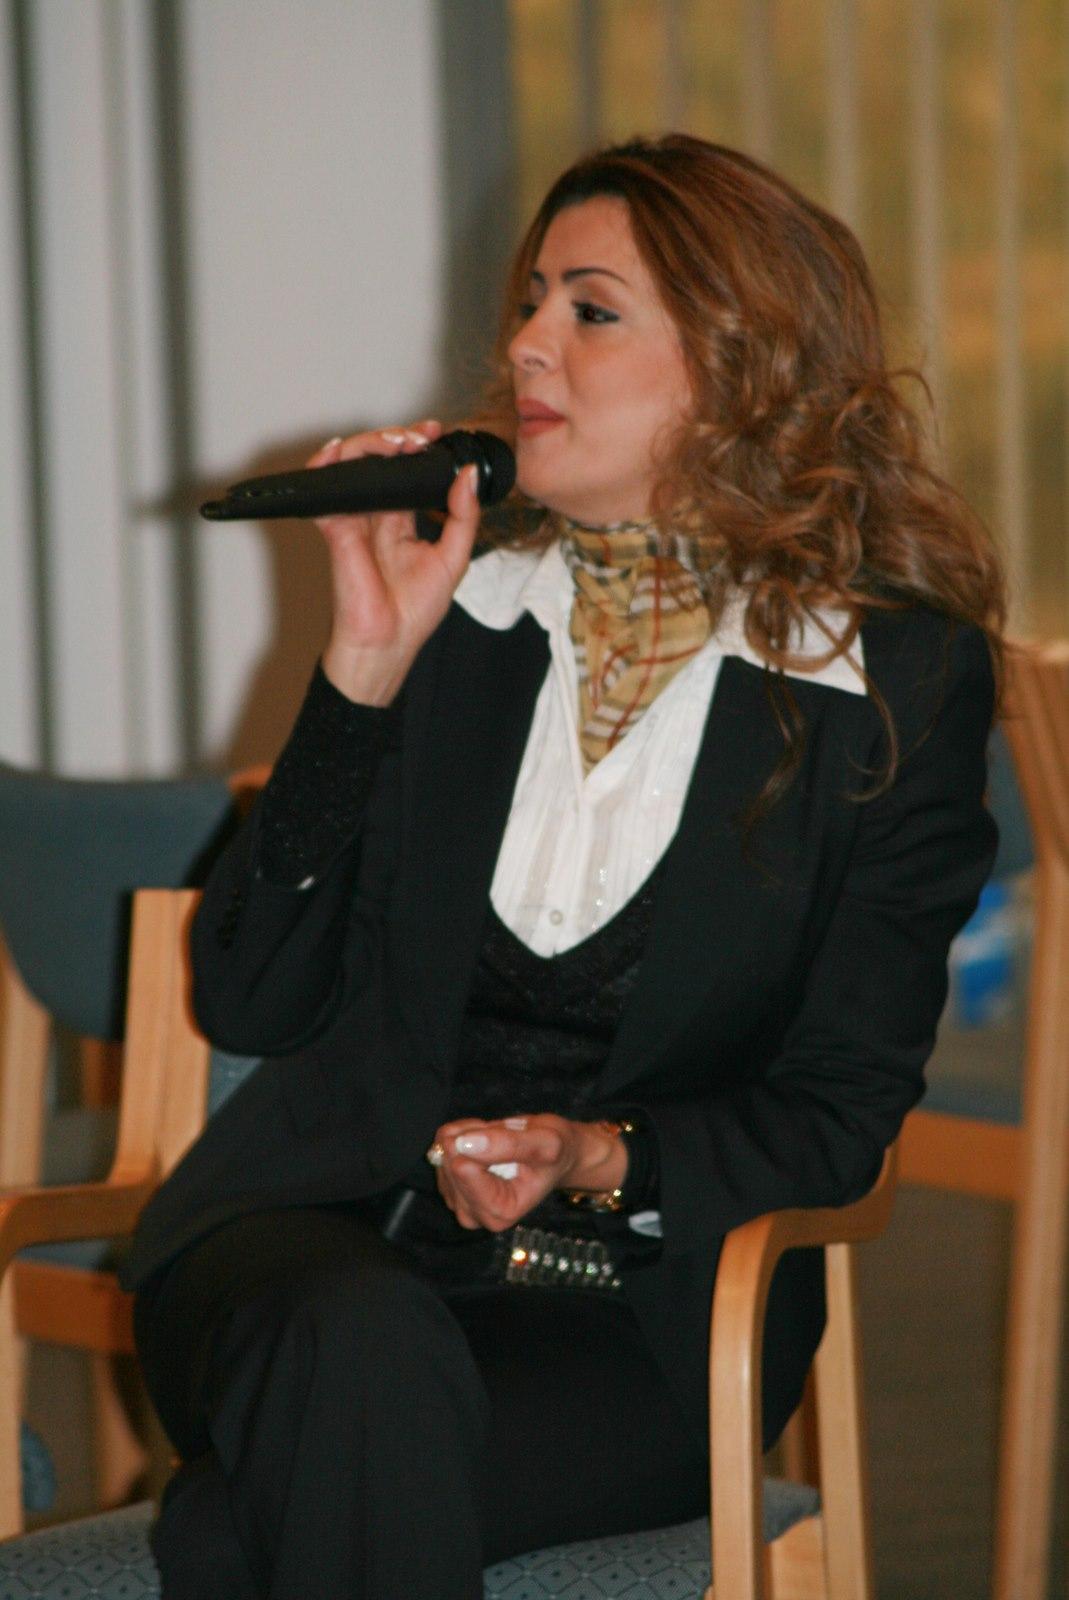 """دة. عصمت حوسو - جامعة عمّان الأهلية - تدريب """"قادة الغد"""" Leaders of Tomorrow"""